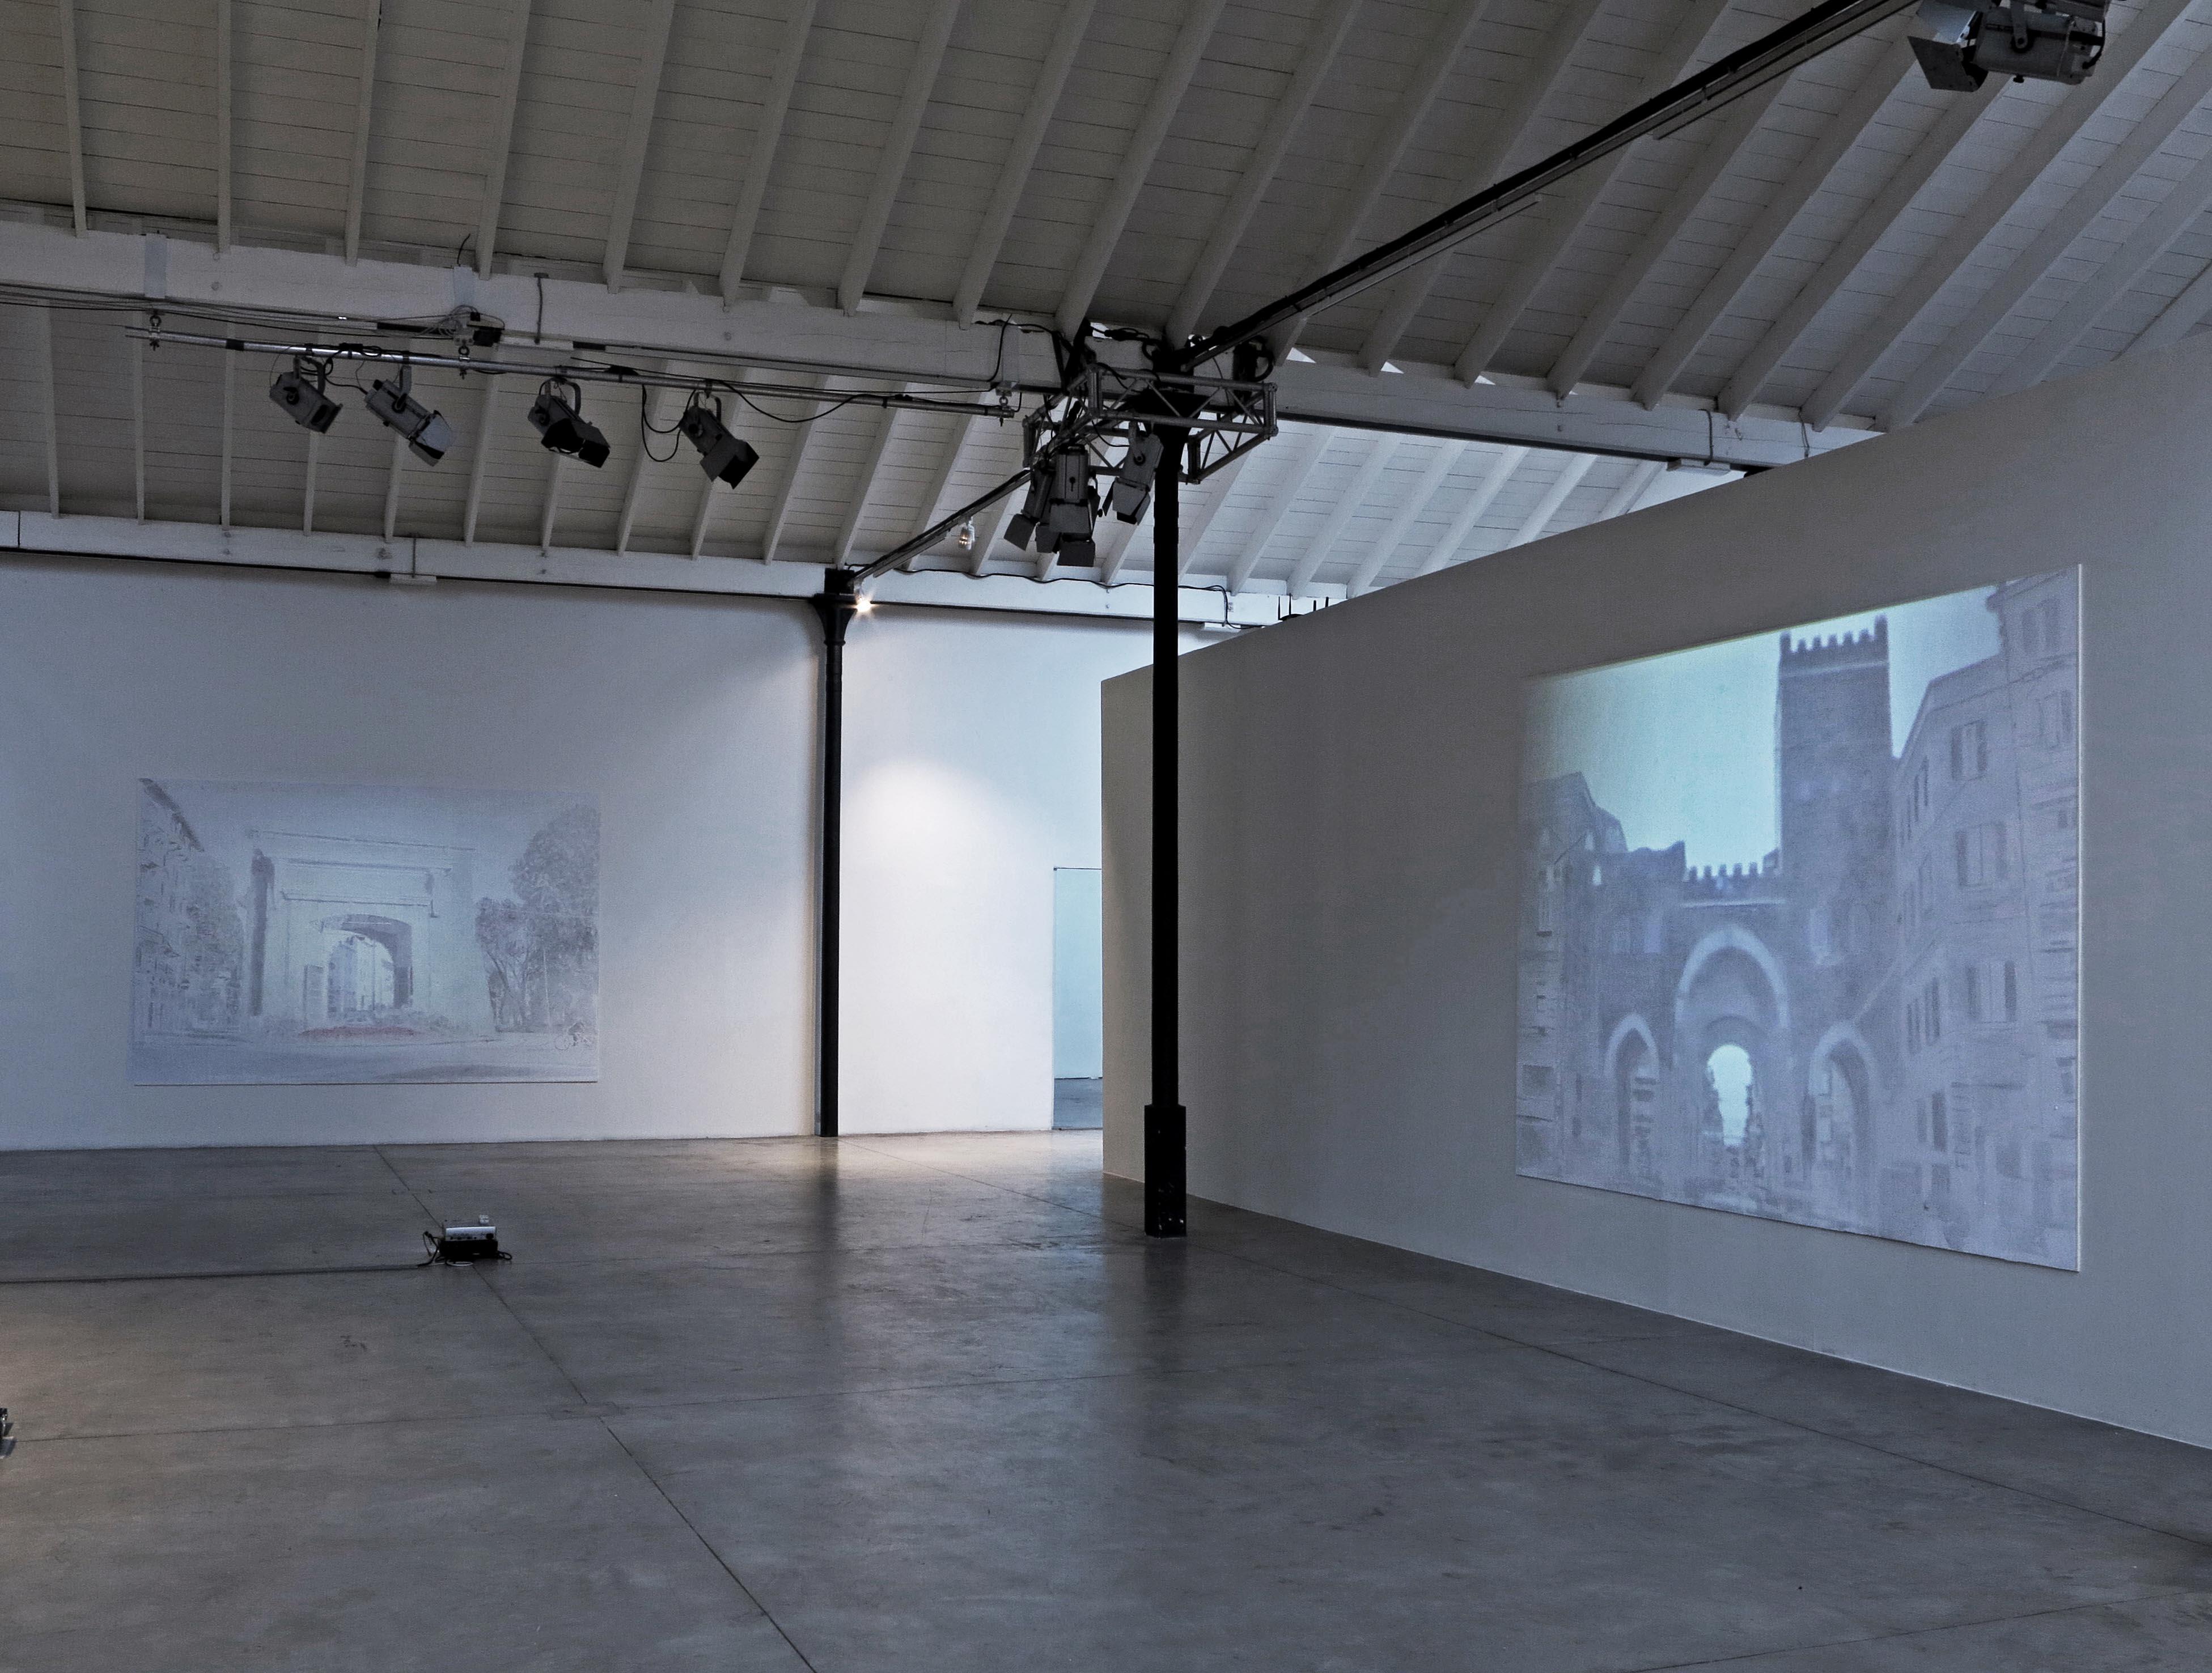 Veduta parziale della mostra porta romana porta ticinese videoproiezione e acrilico su tavola - Mostra della porta ...